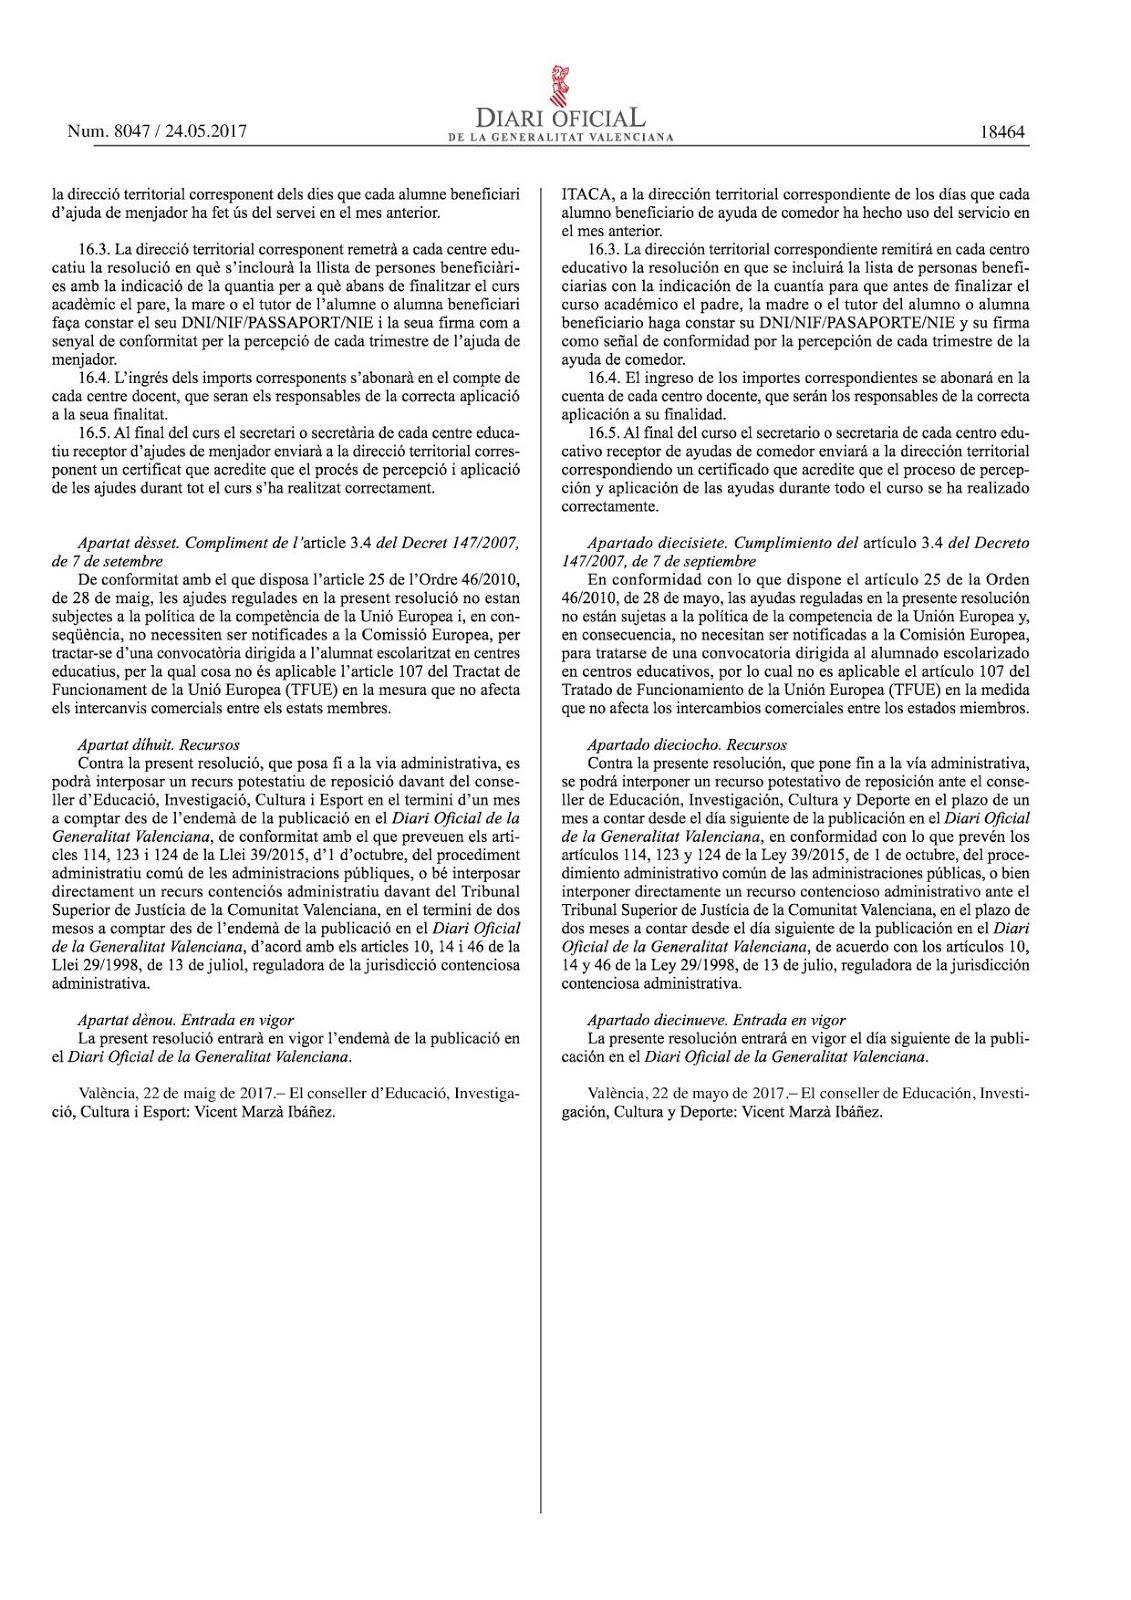 AMPA CAMPANAR: AYUDAS COMEDOR ESCOLAR 2017-2018